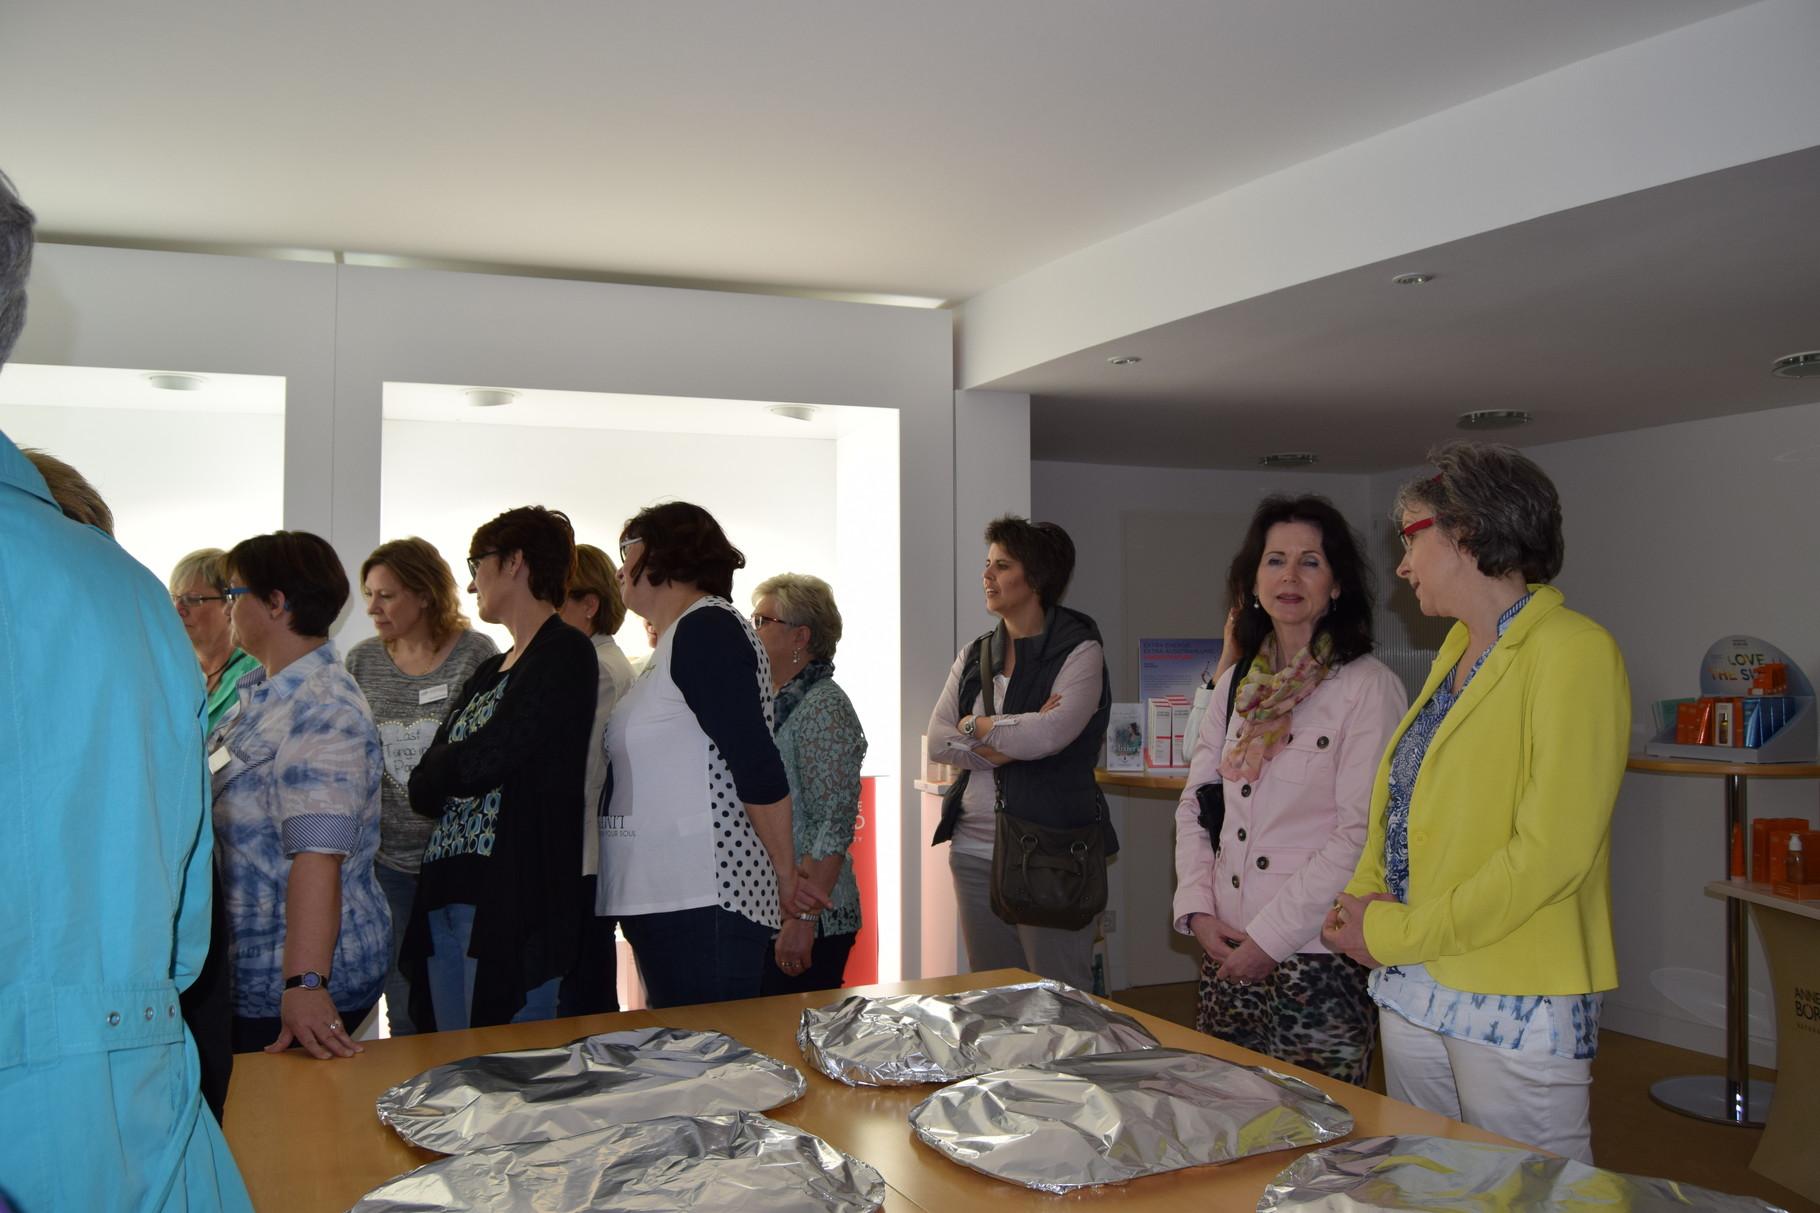 ufh Forum 04-16 mit Teilnehmern aus 5 Arbeitskeisen